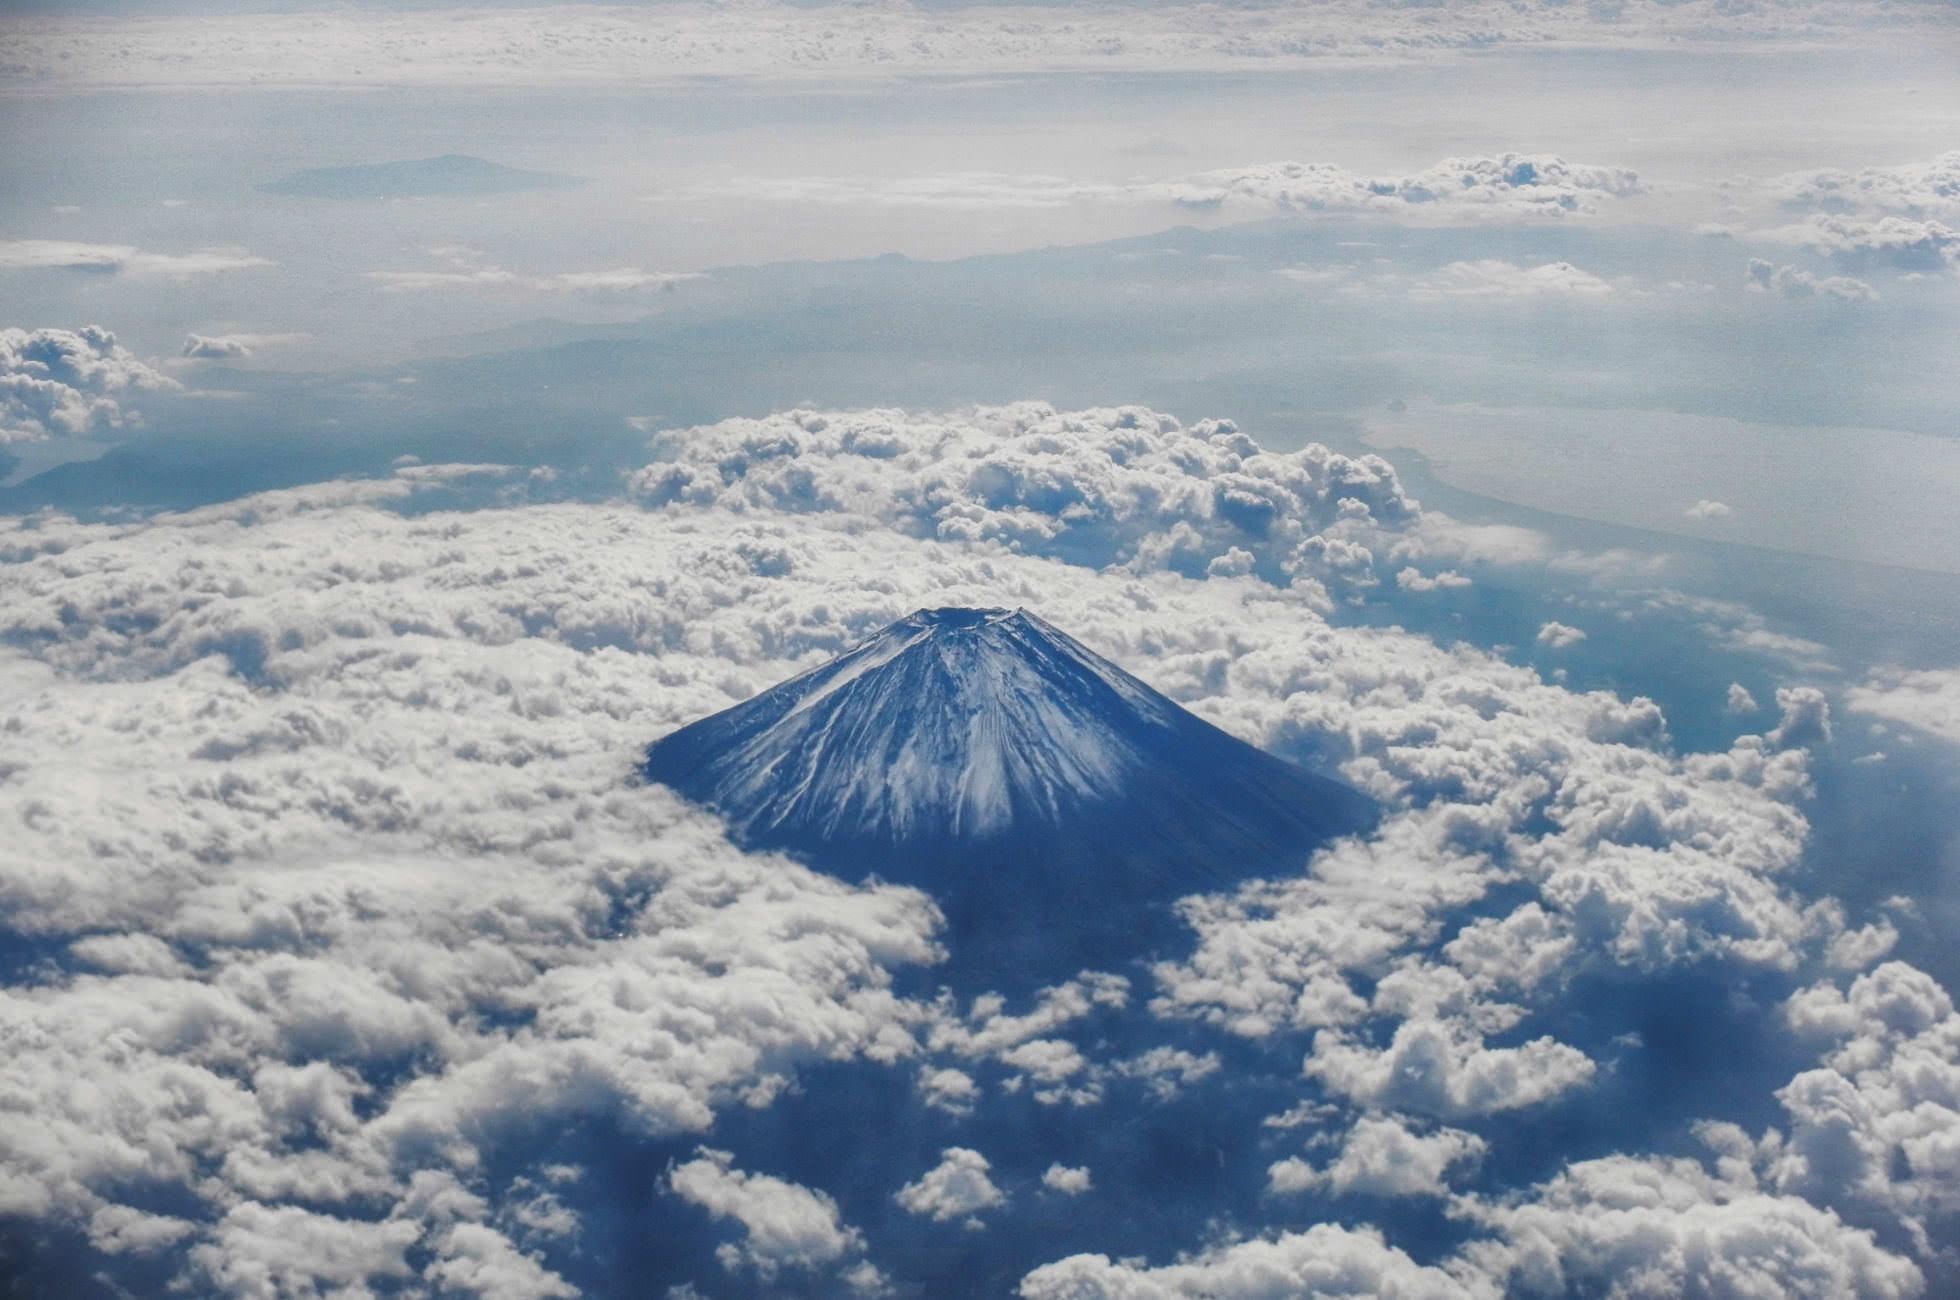 Fuji Plane